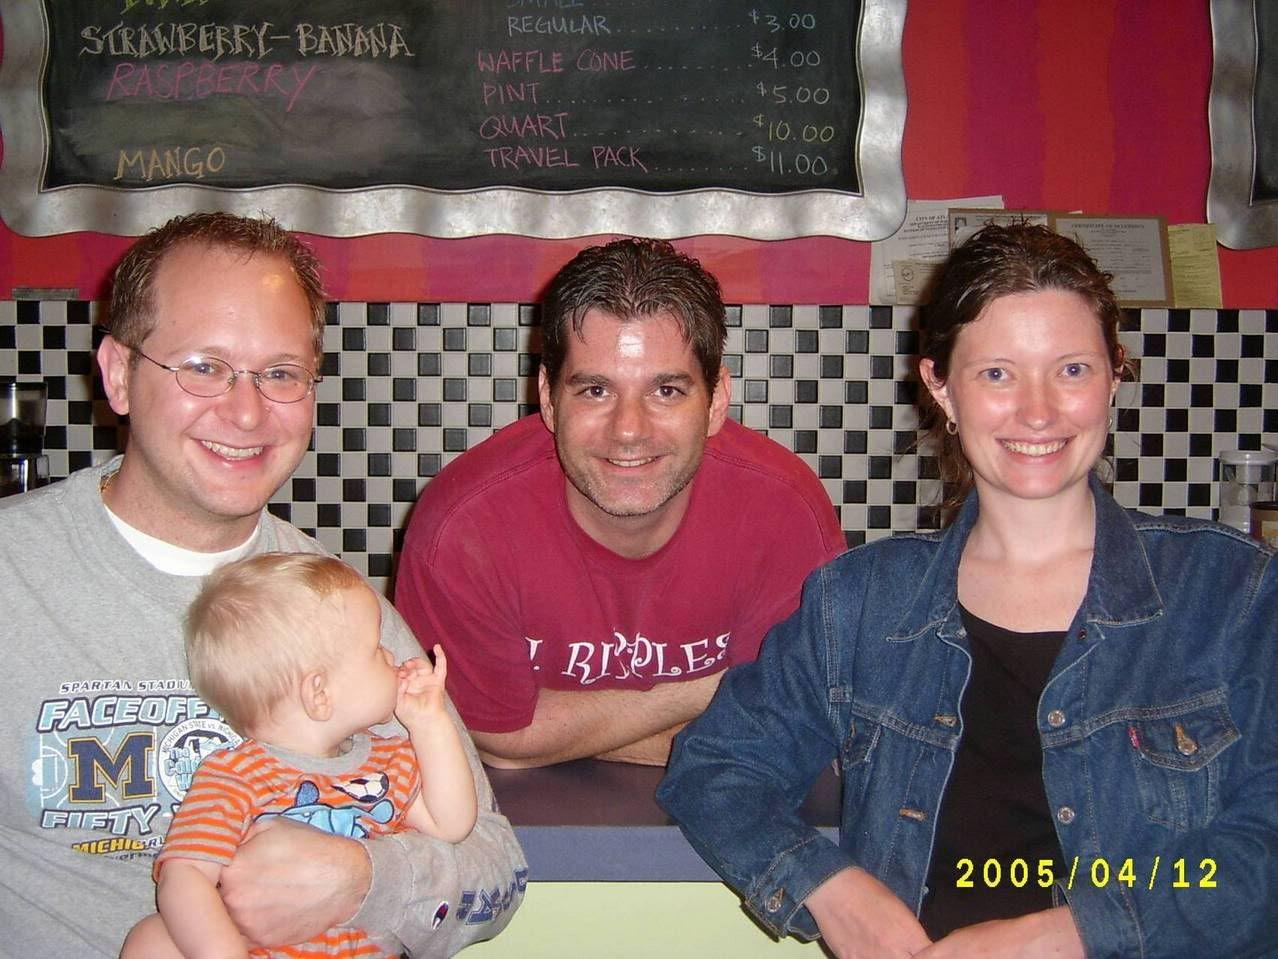 P, M, G, and Judd